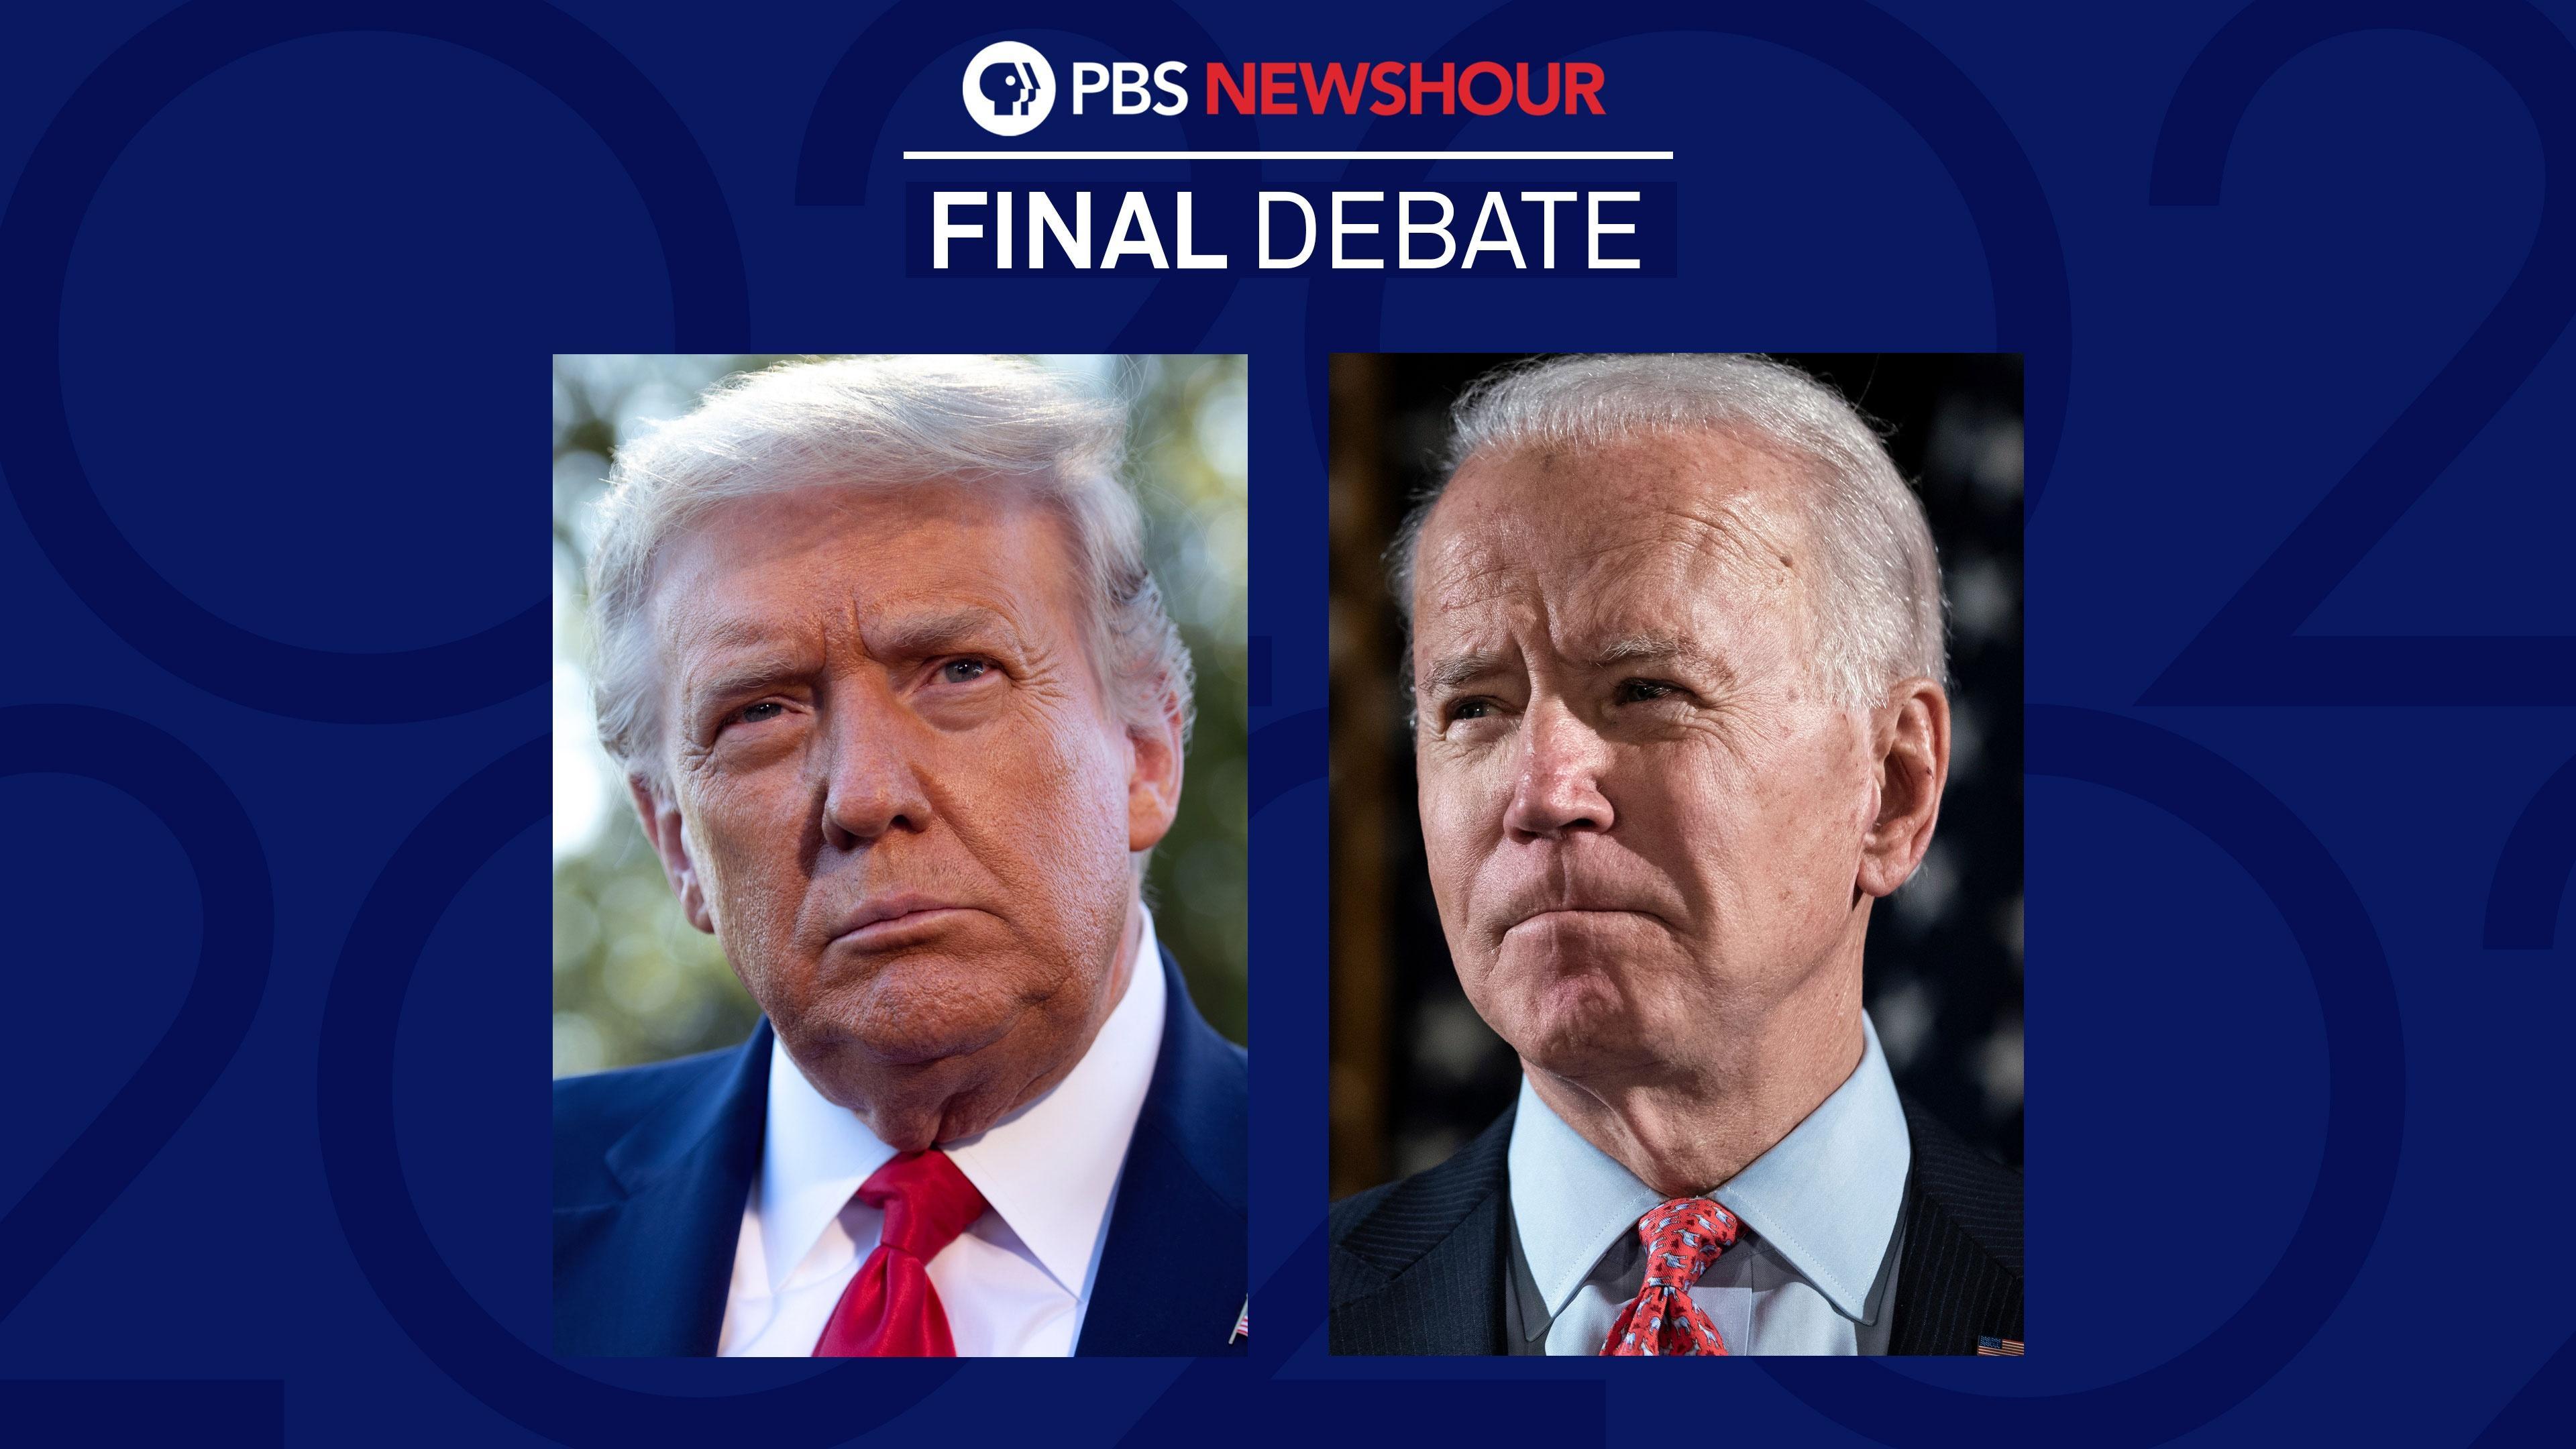 2020 Final Presidential Debate